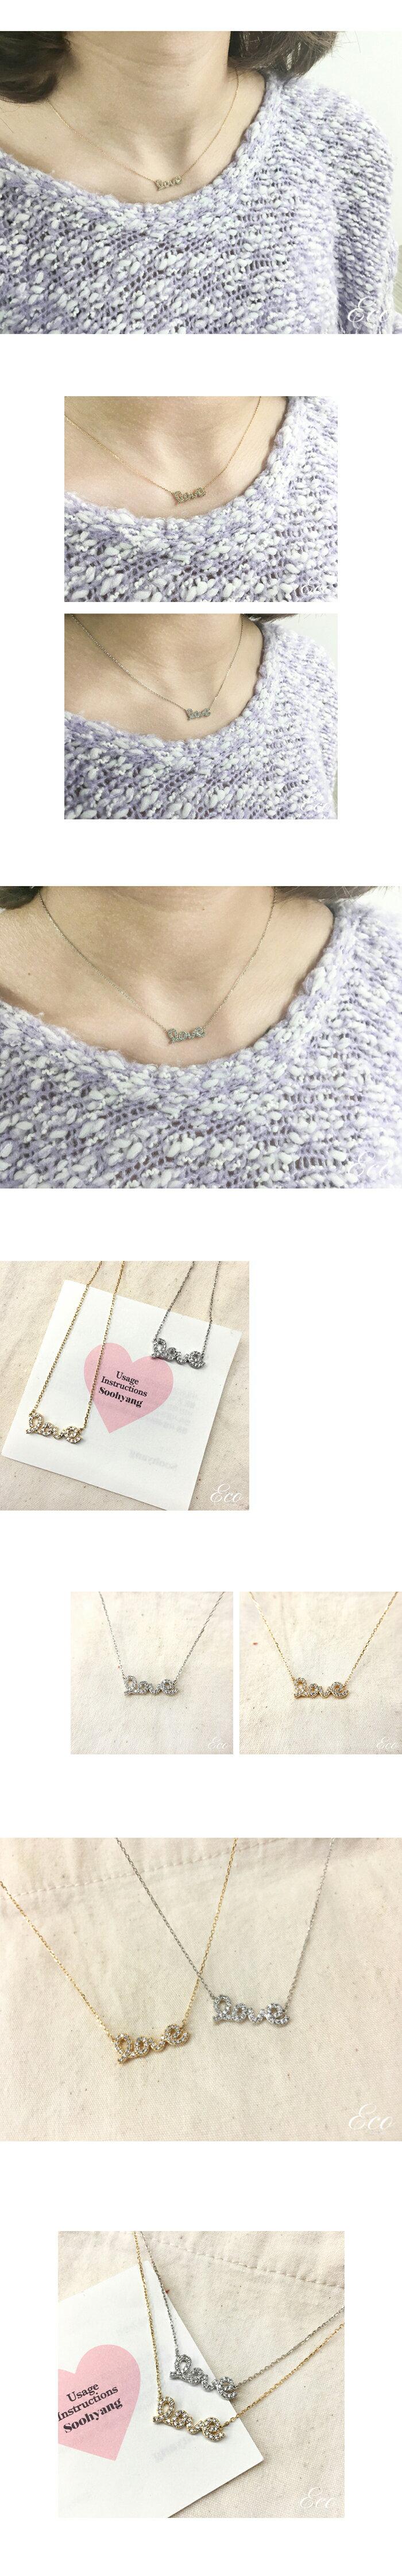 英字項鍊,LOVE項鍊,短項鍊,鎖骨練,韓製項鍊,韓國項鍊,韓貨項鍊